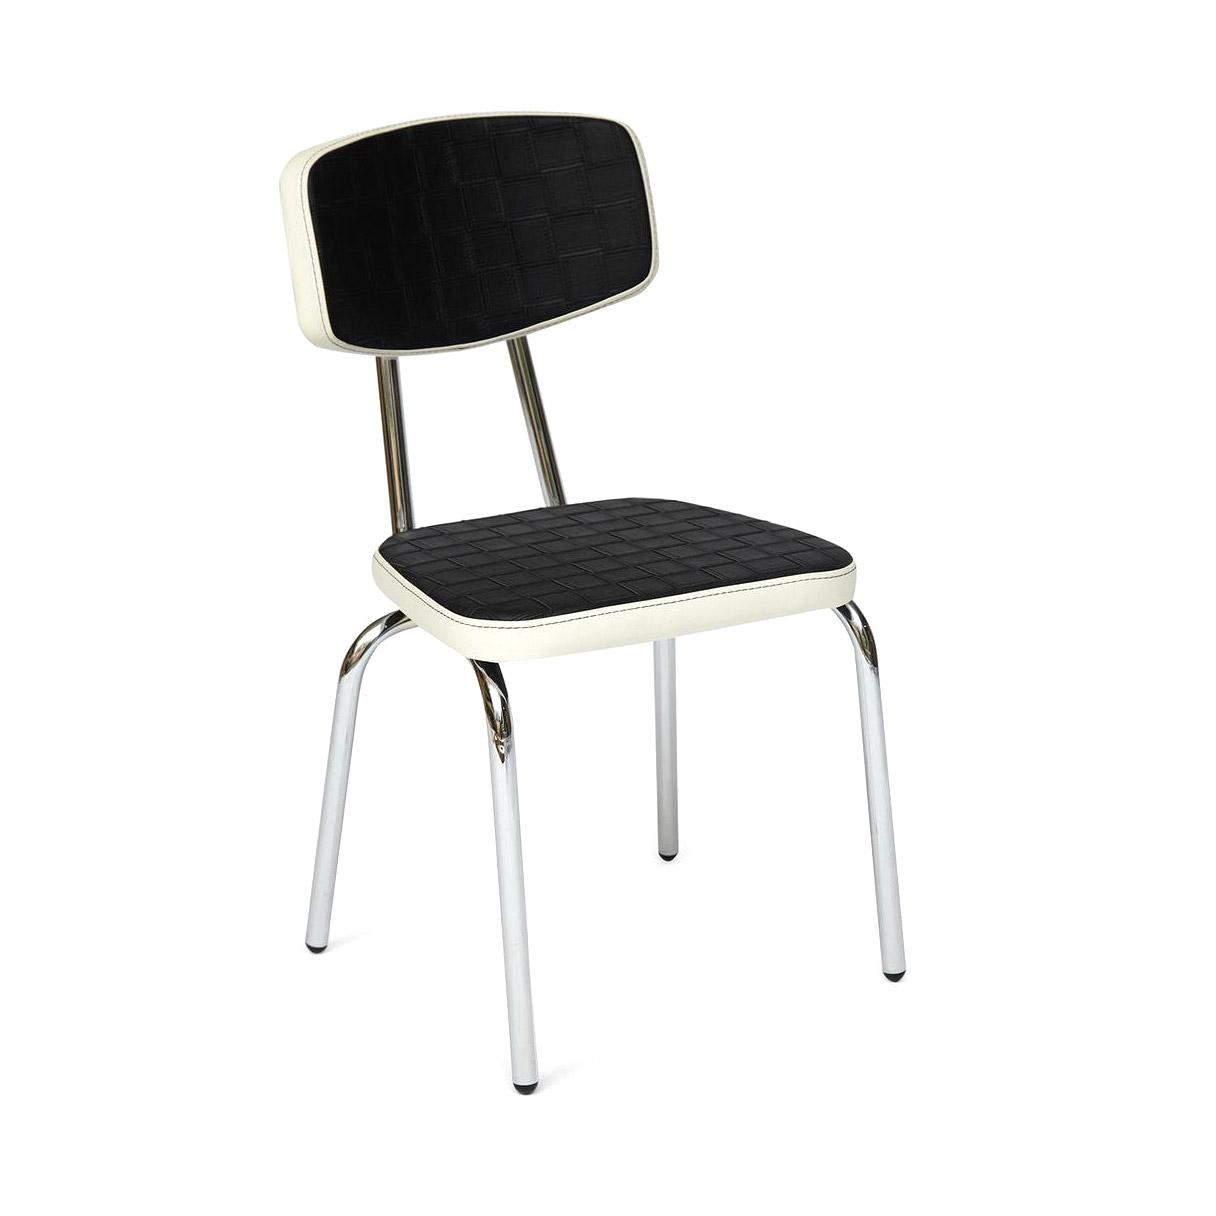 Стул TC черный 43х44х87 см барный стул tc черный 5xx43x102 5 см